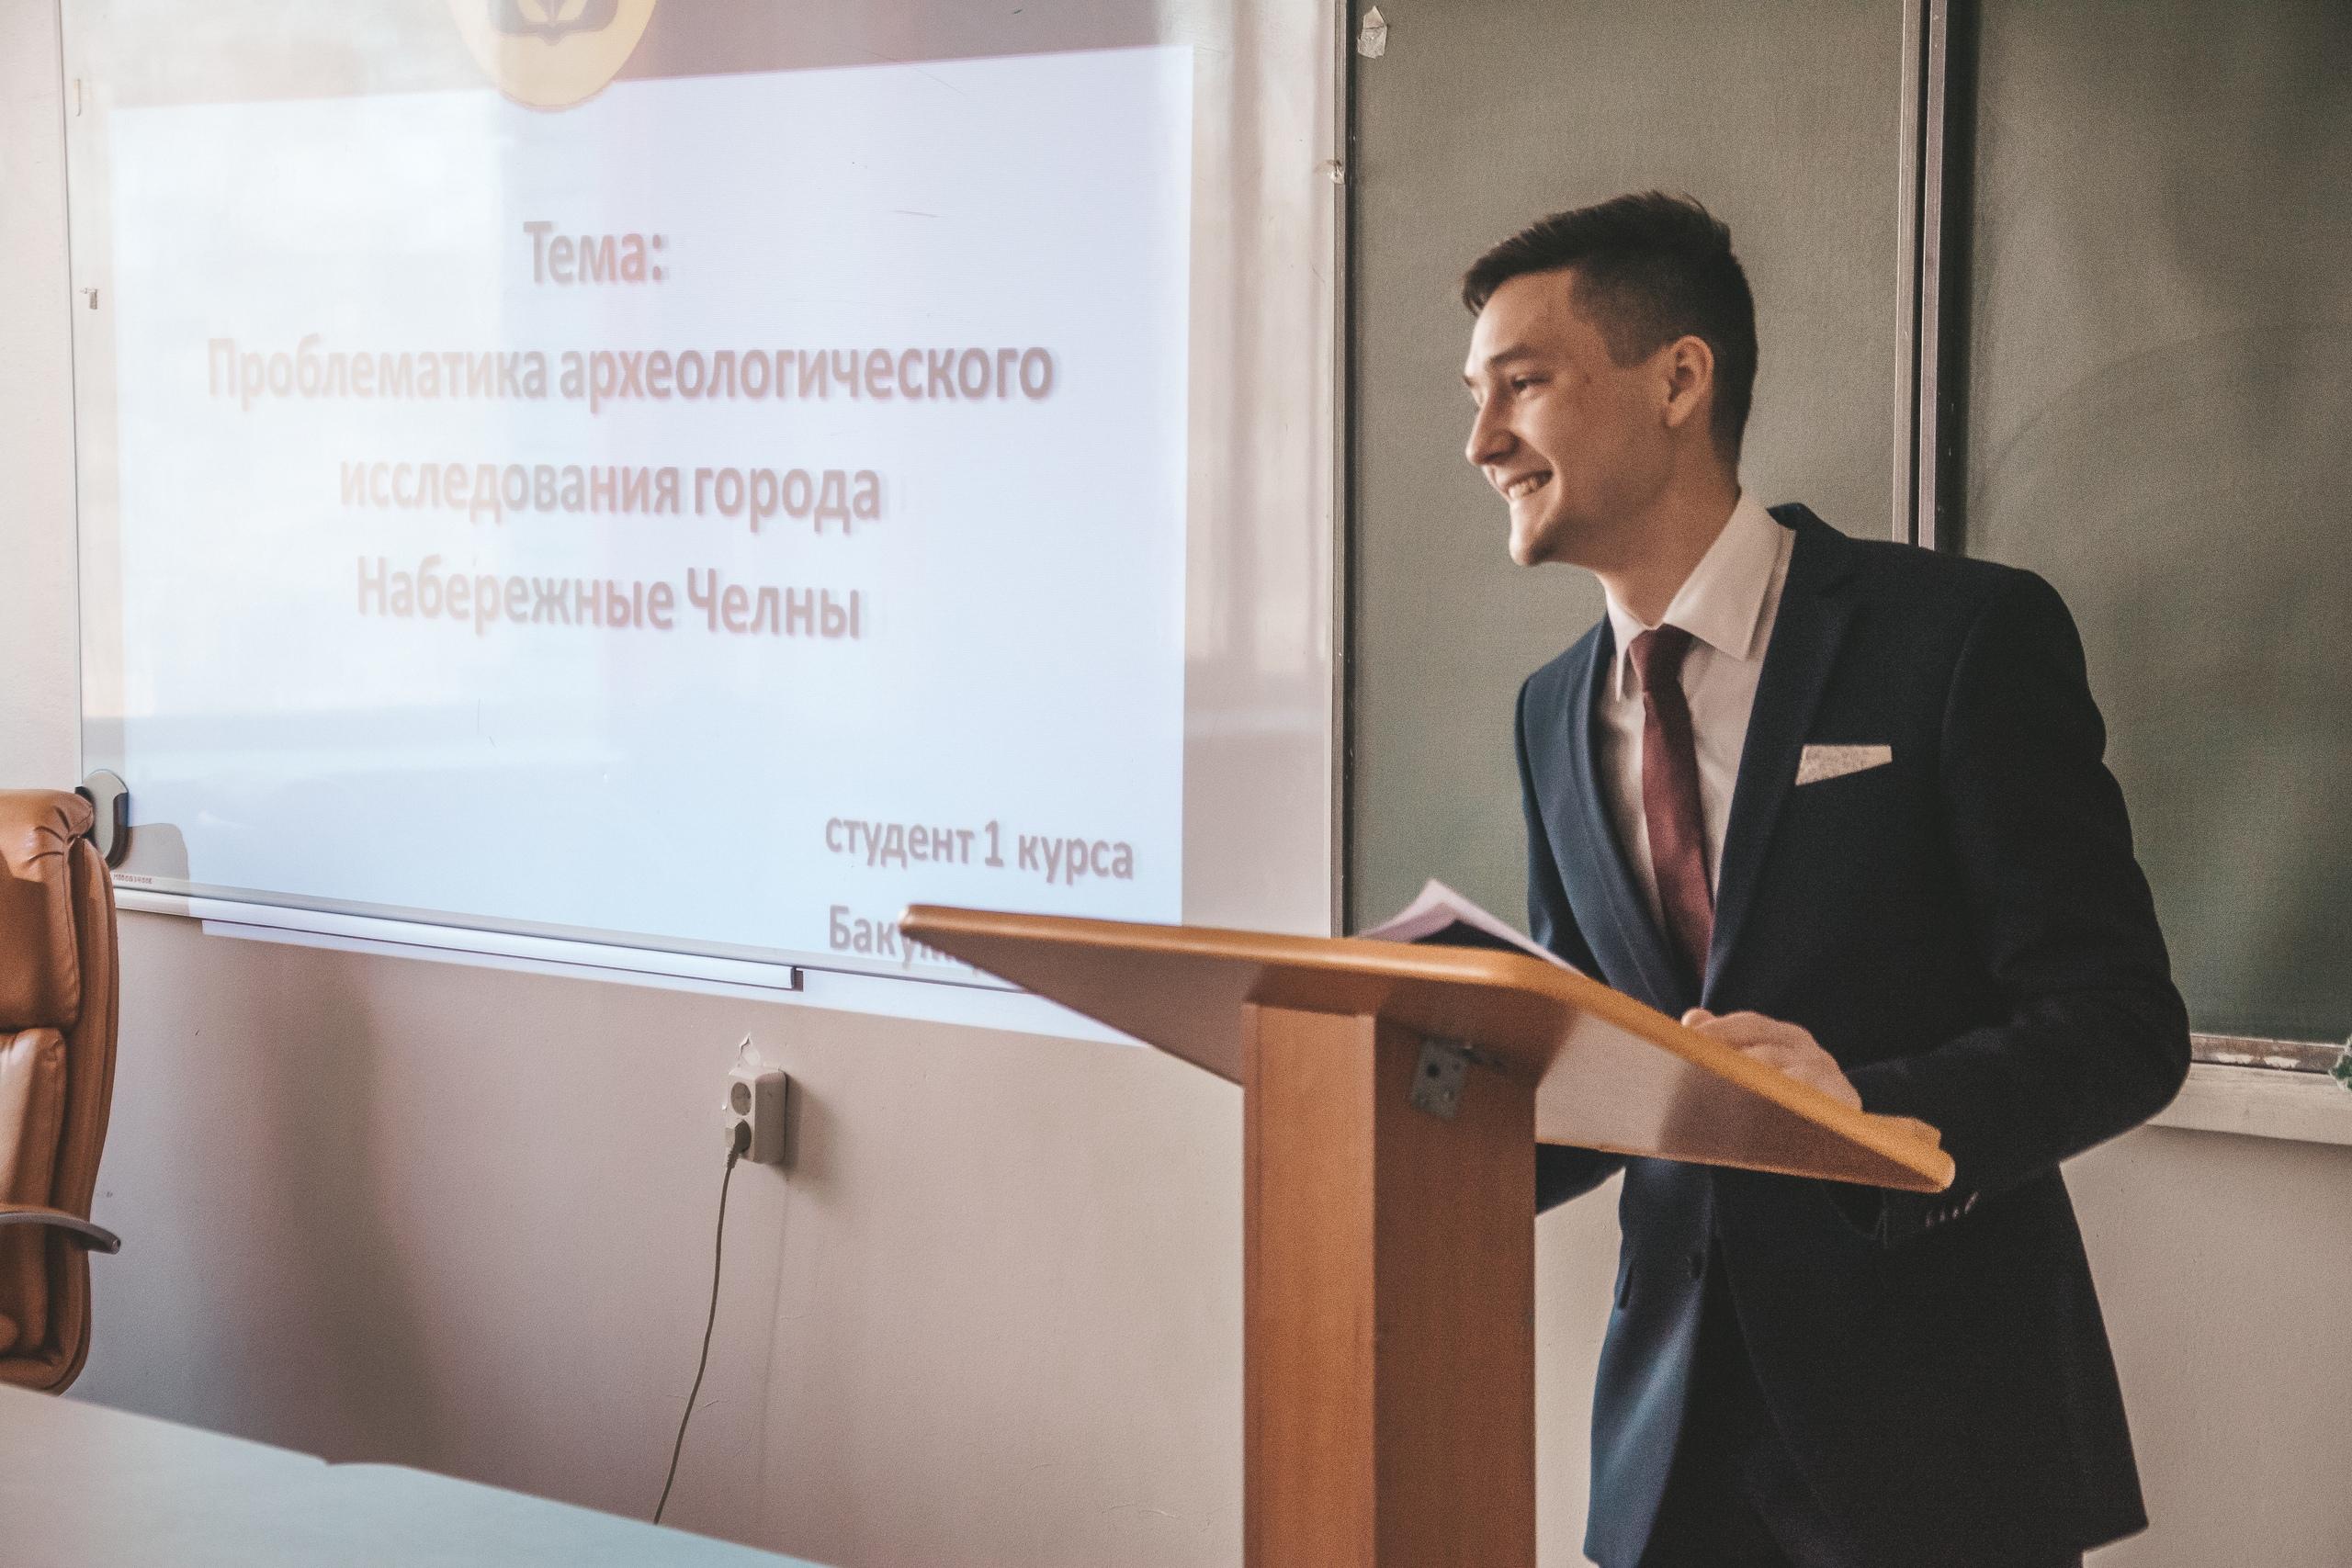 VI Региональная научно-практическая конференция «Современные исследования социогуманитарных проблем»